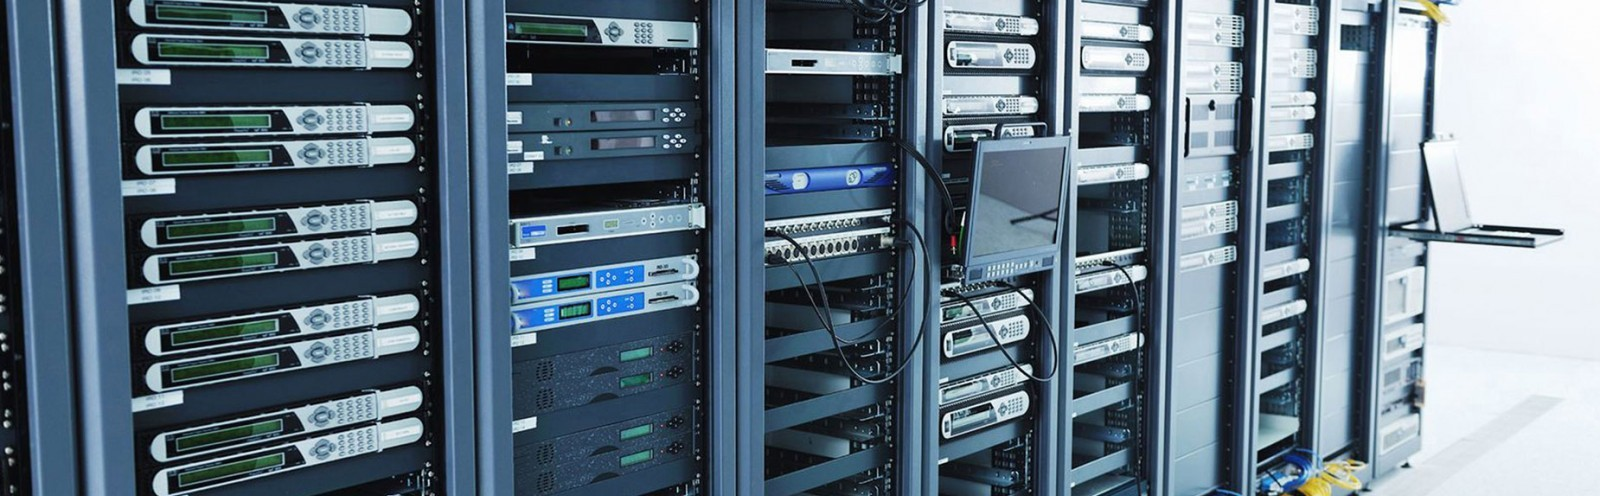 Системы хранения данных схд